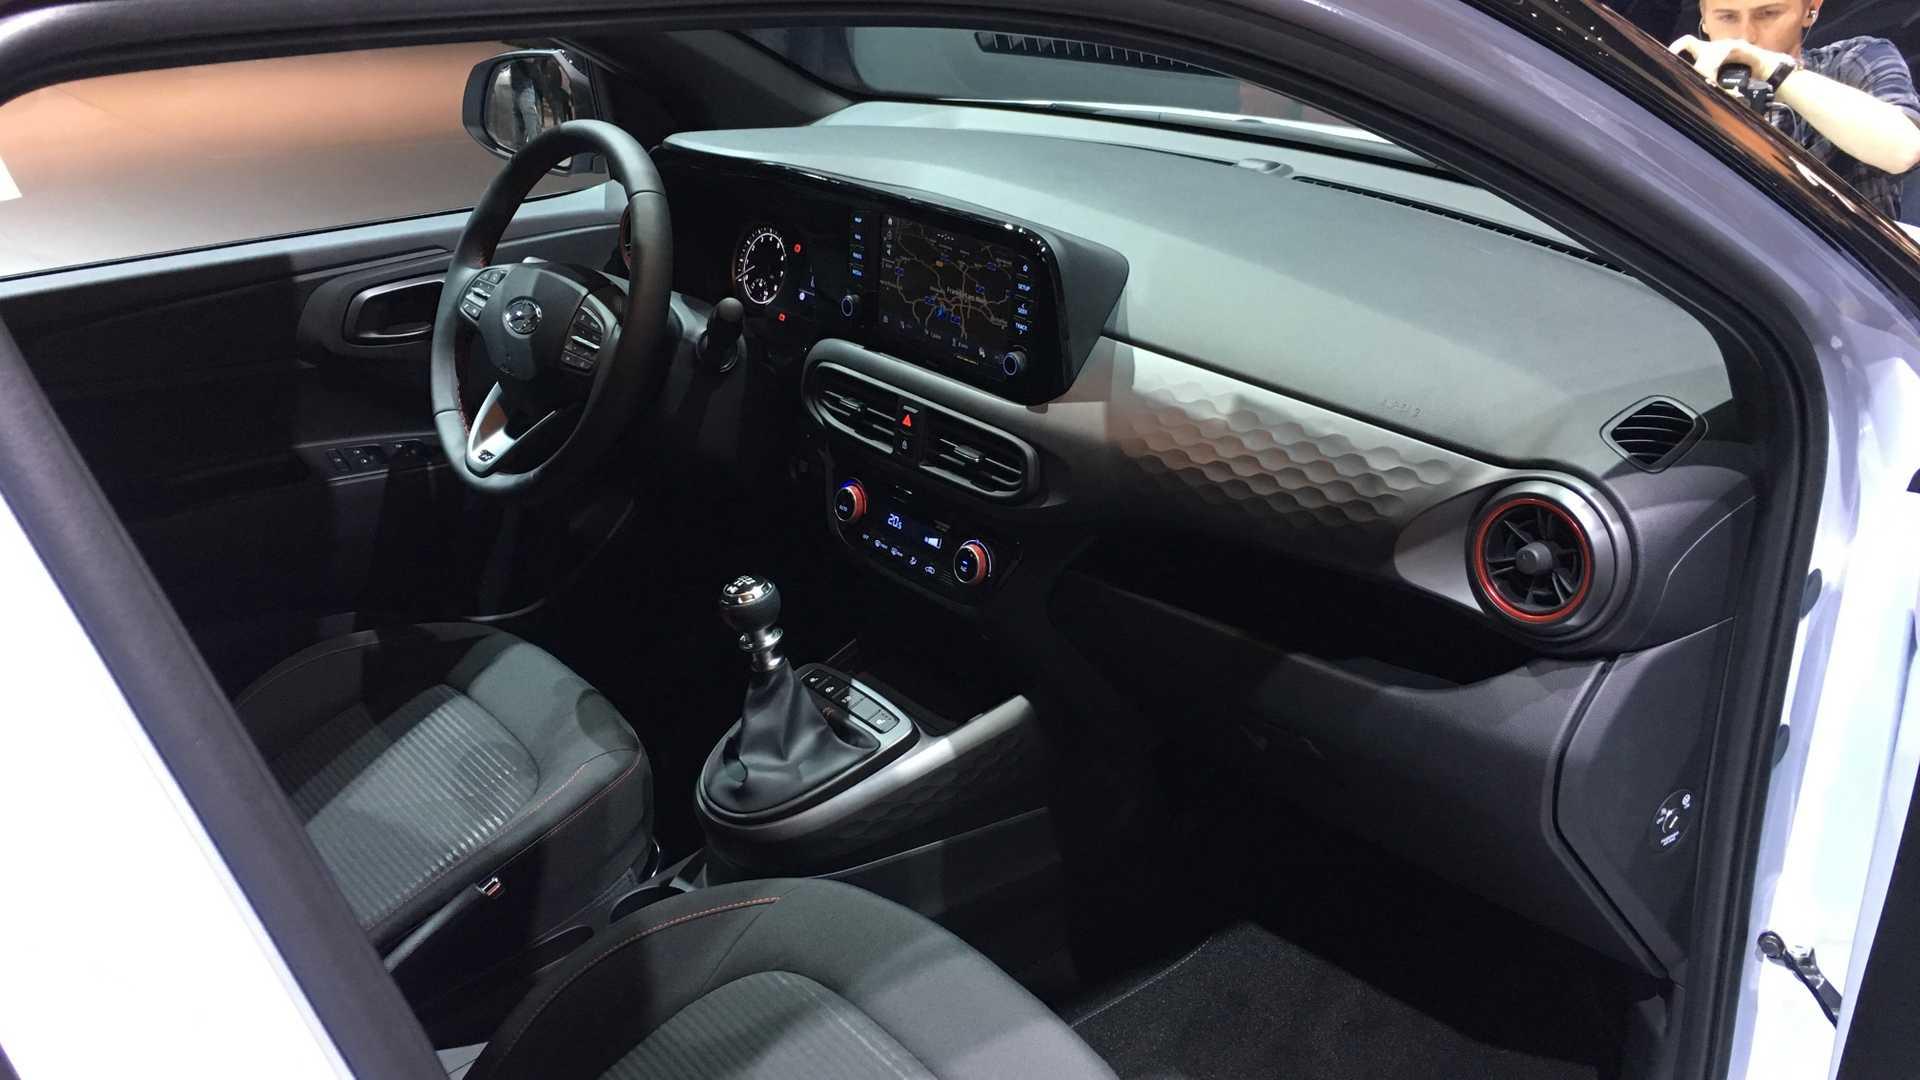 Hyundai i10 2020 : Mẫu xe đô thị chuẩn mực đầy hấp dẫn - 14